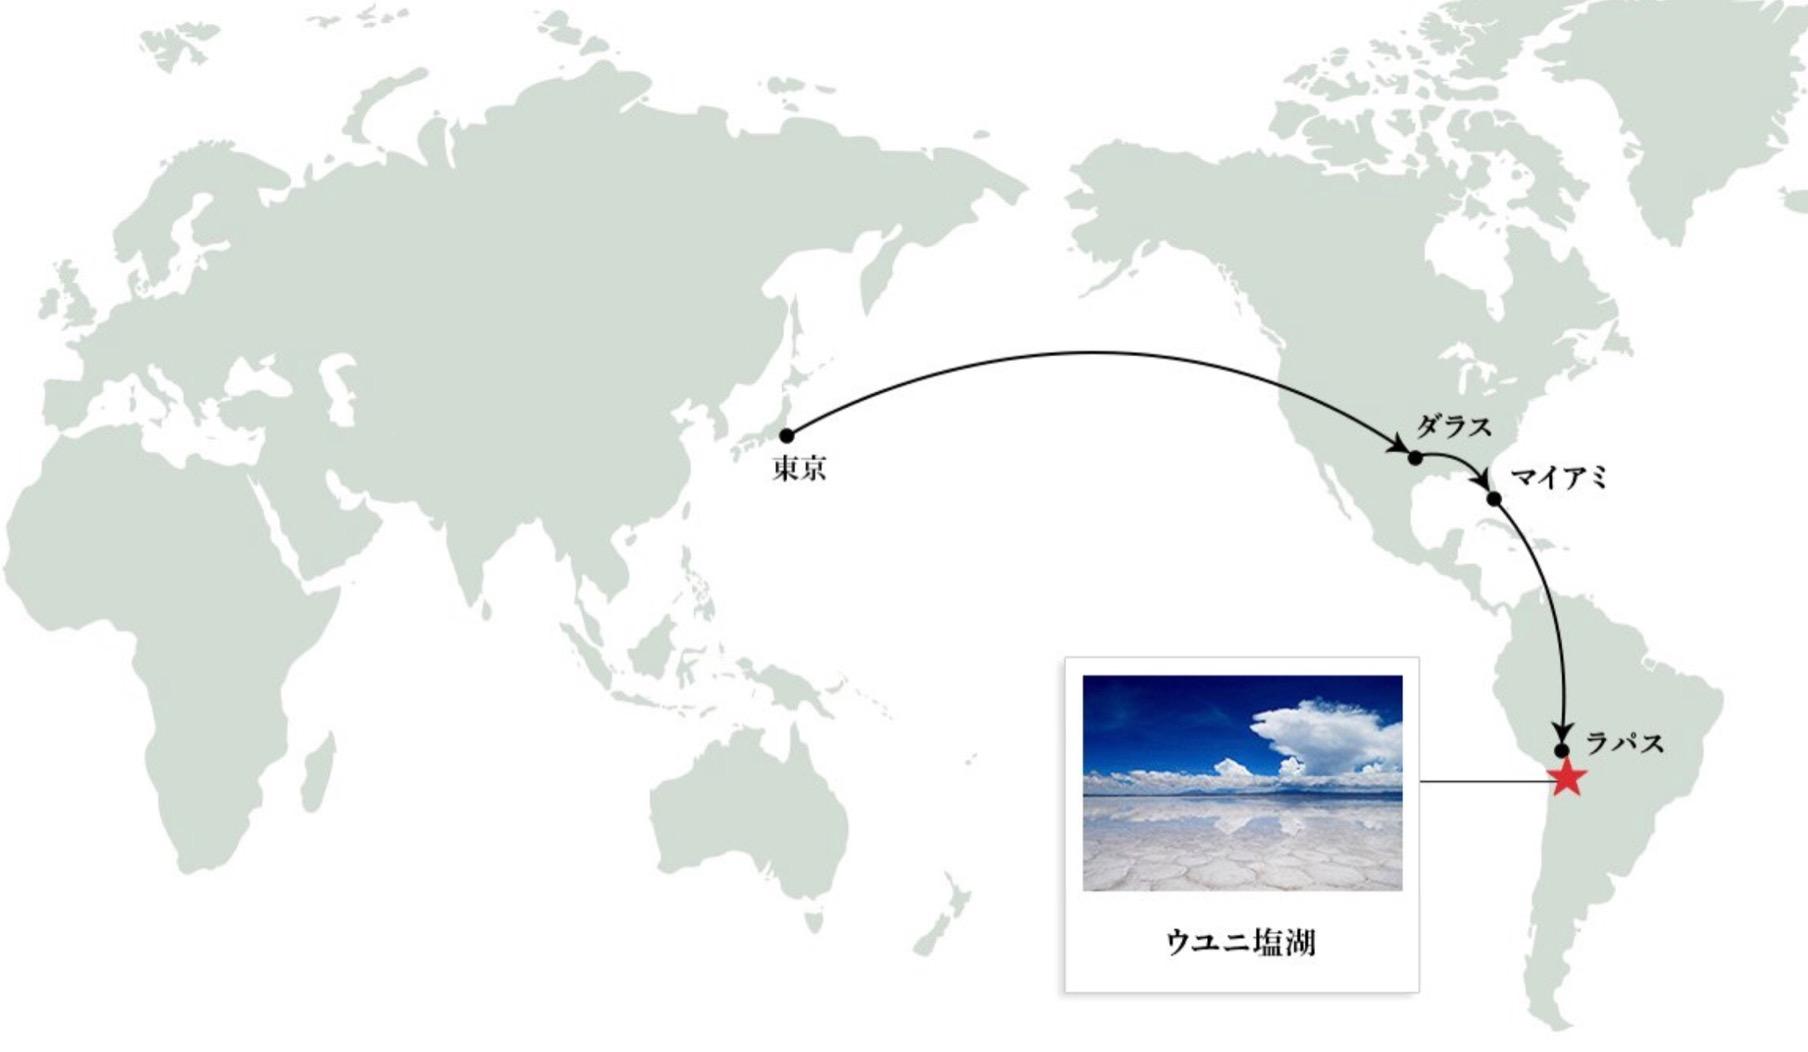 ウユニ塩湖までの航路